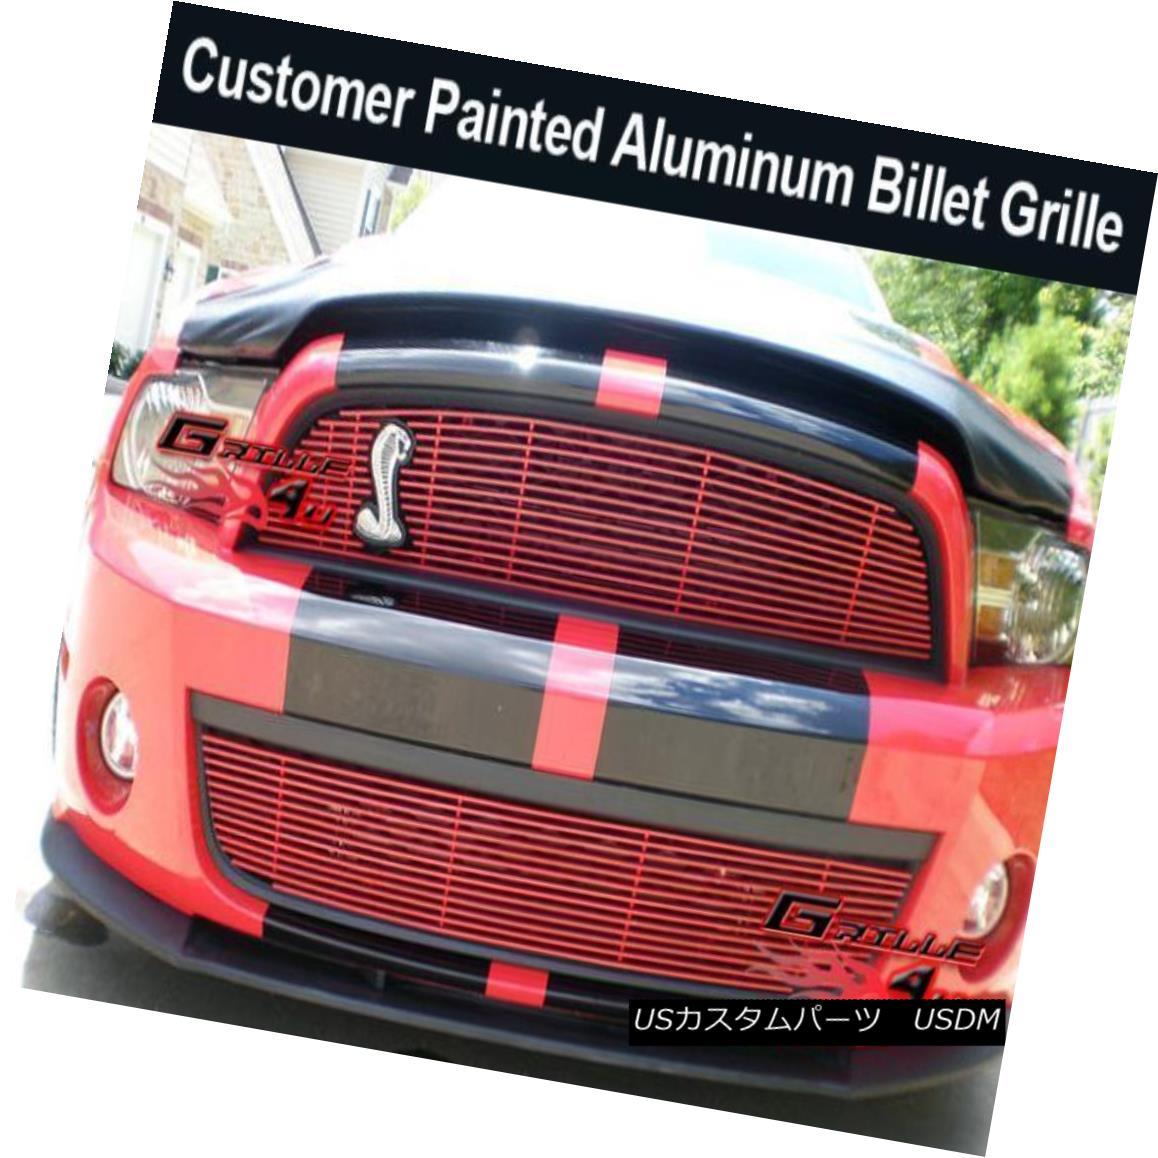 グリル Fits 2010-2011 Ford Mustang Shelby GT500 Billet Grille Combo フィット2010-2011フォードマスタングシェルビーGT500ビレットグリルコンボ